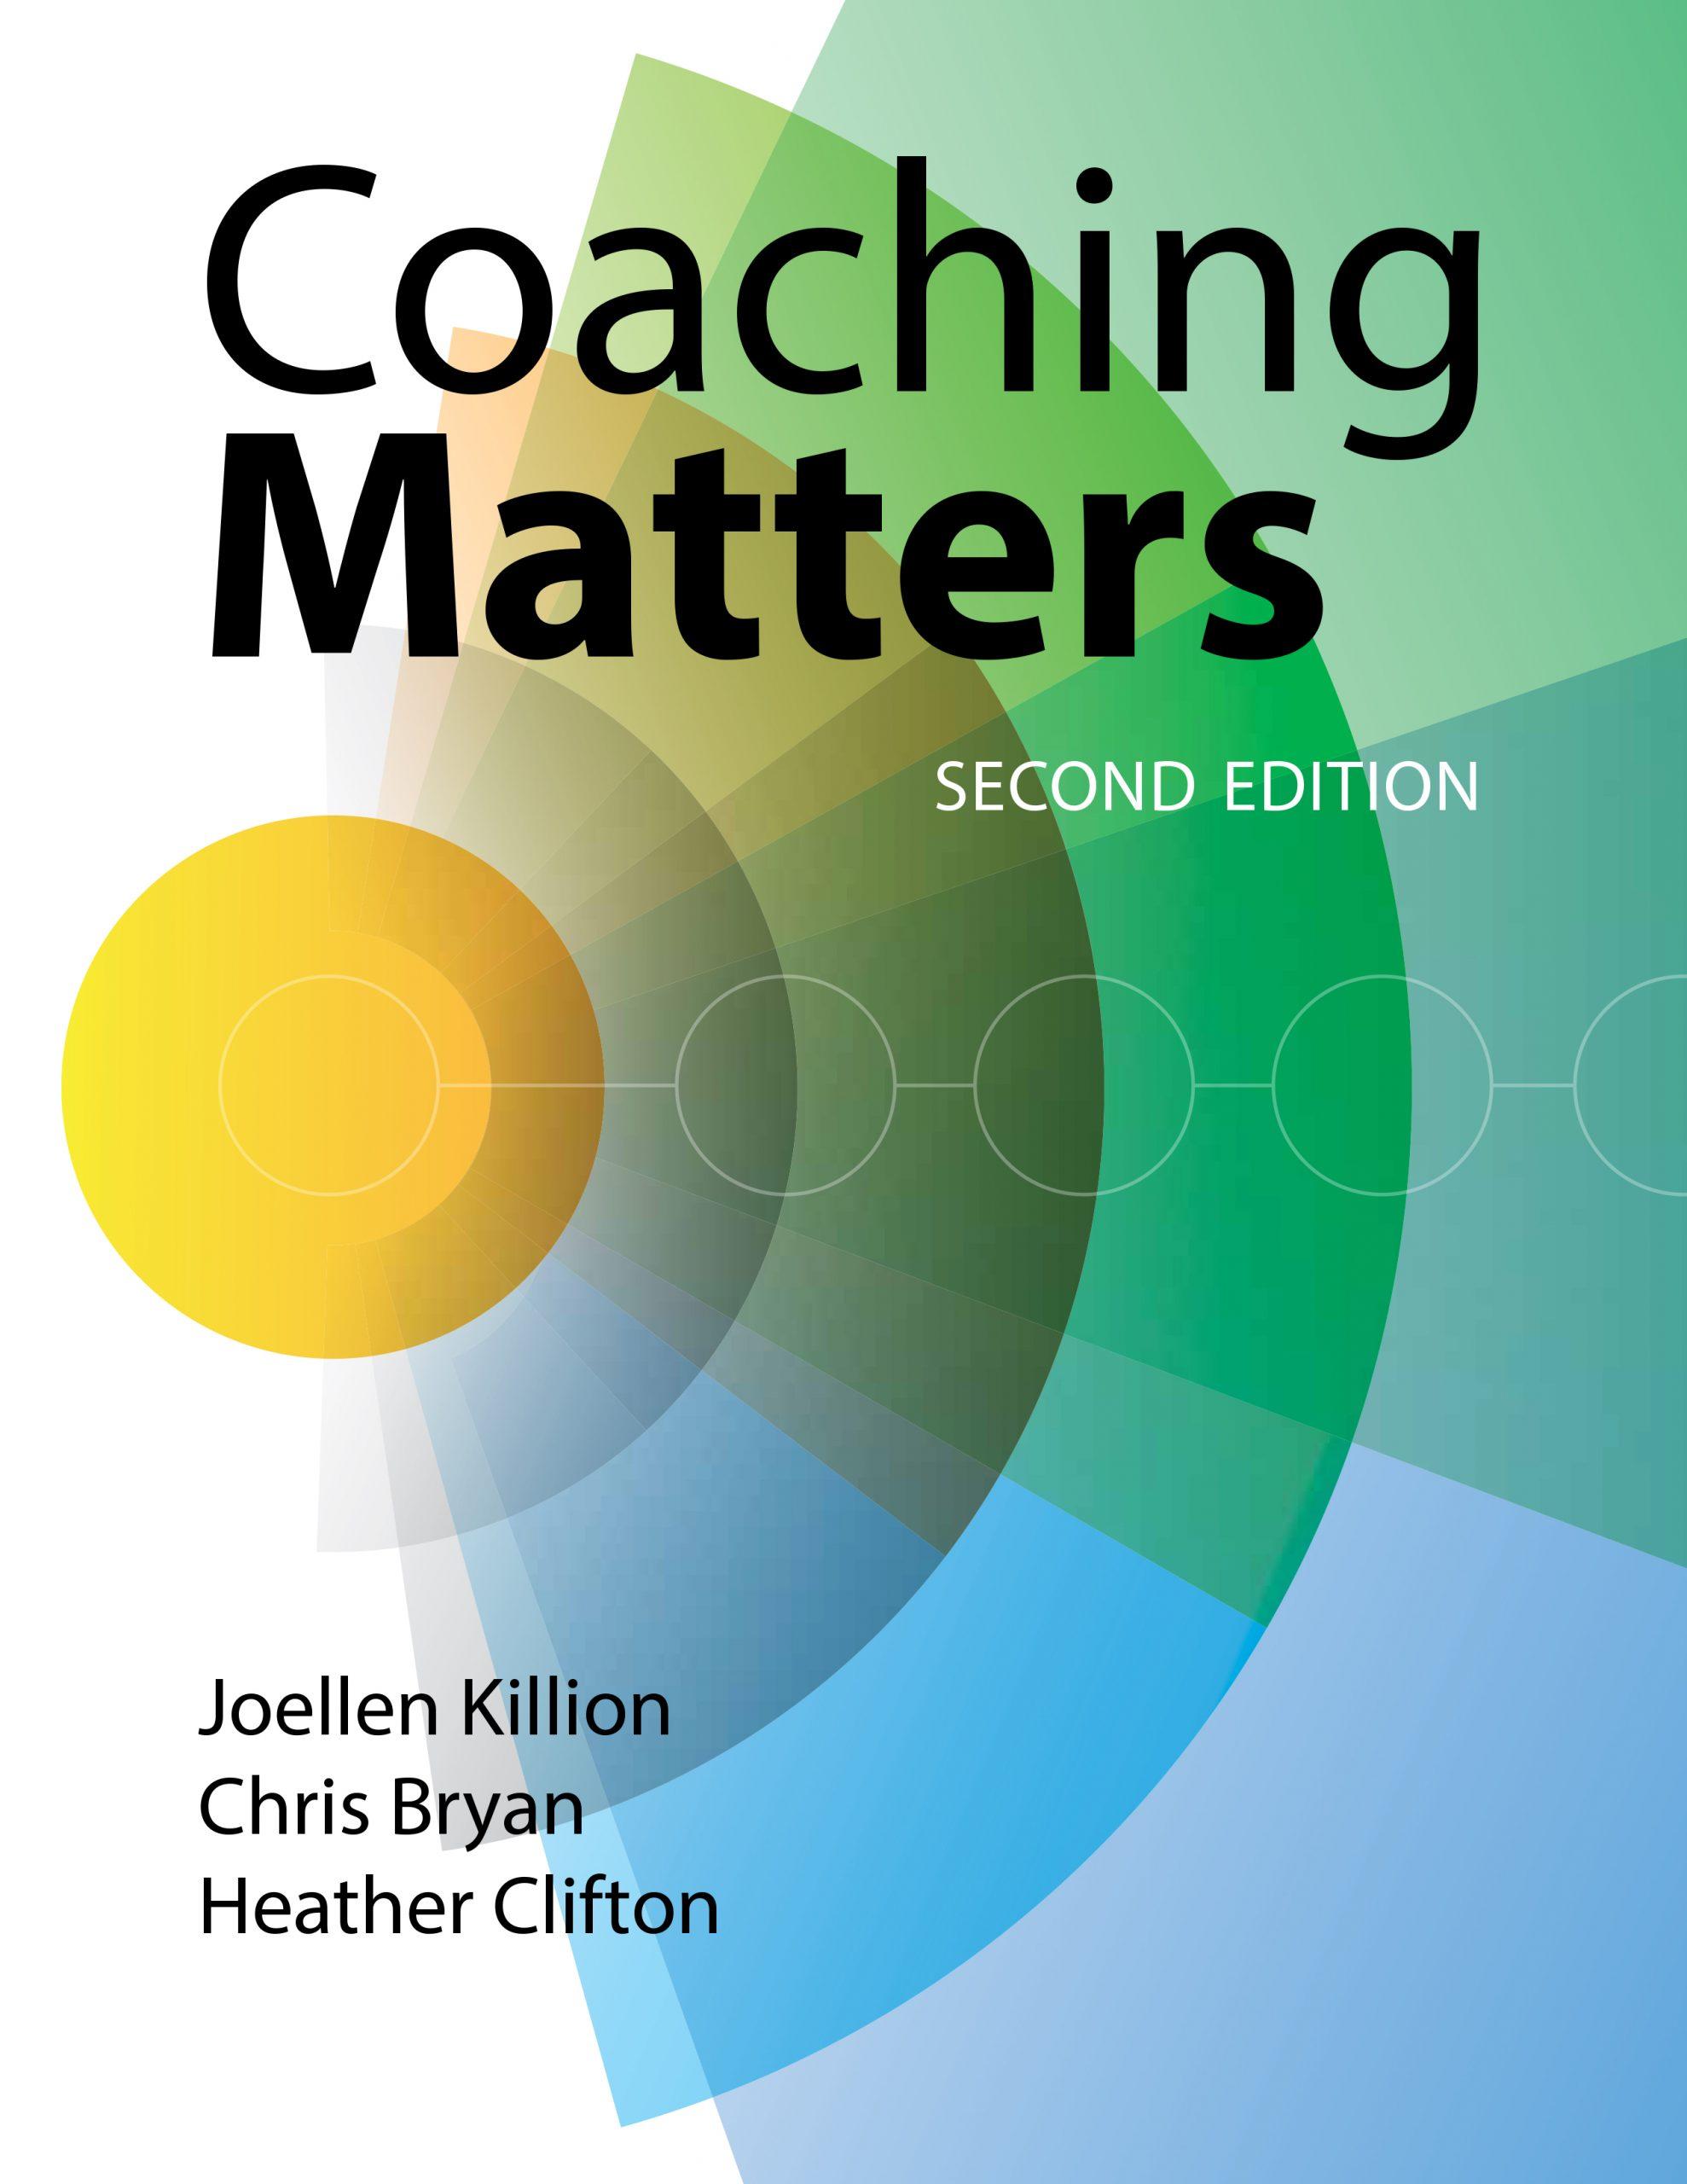 coaching-matters-2nd-edition